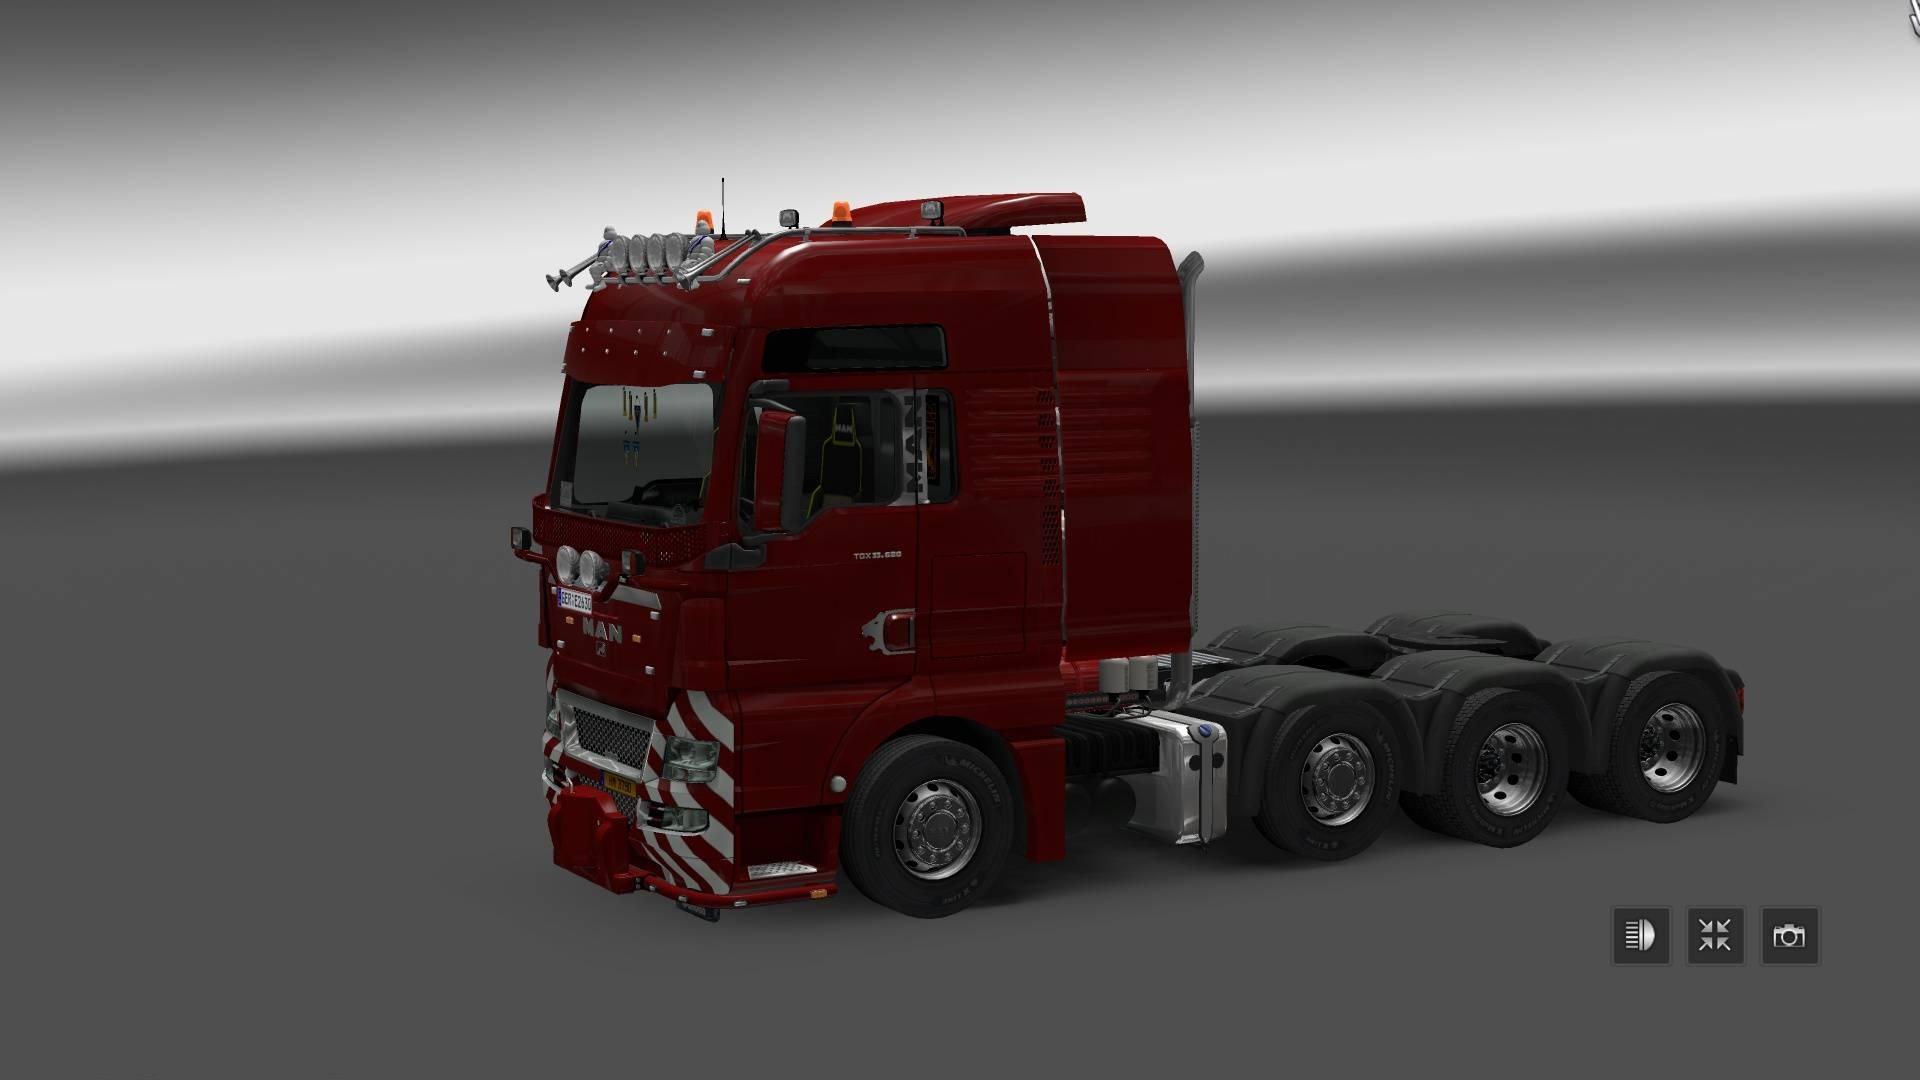 man tgx 2010 v3 2 truck ets2 mod. Black Bedroom Furniture Sets. Home Design Ideas